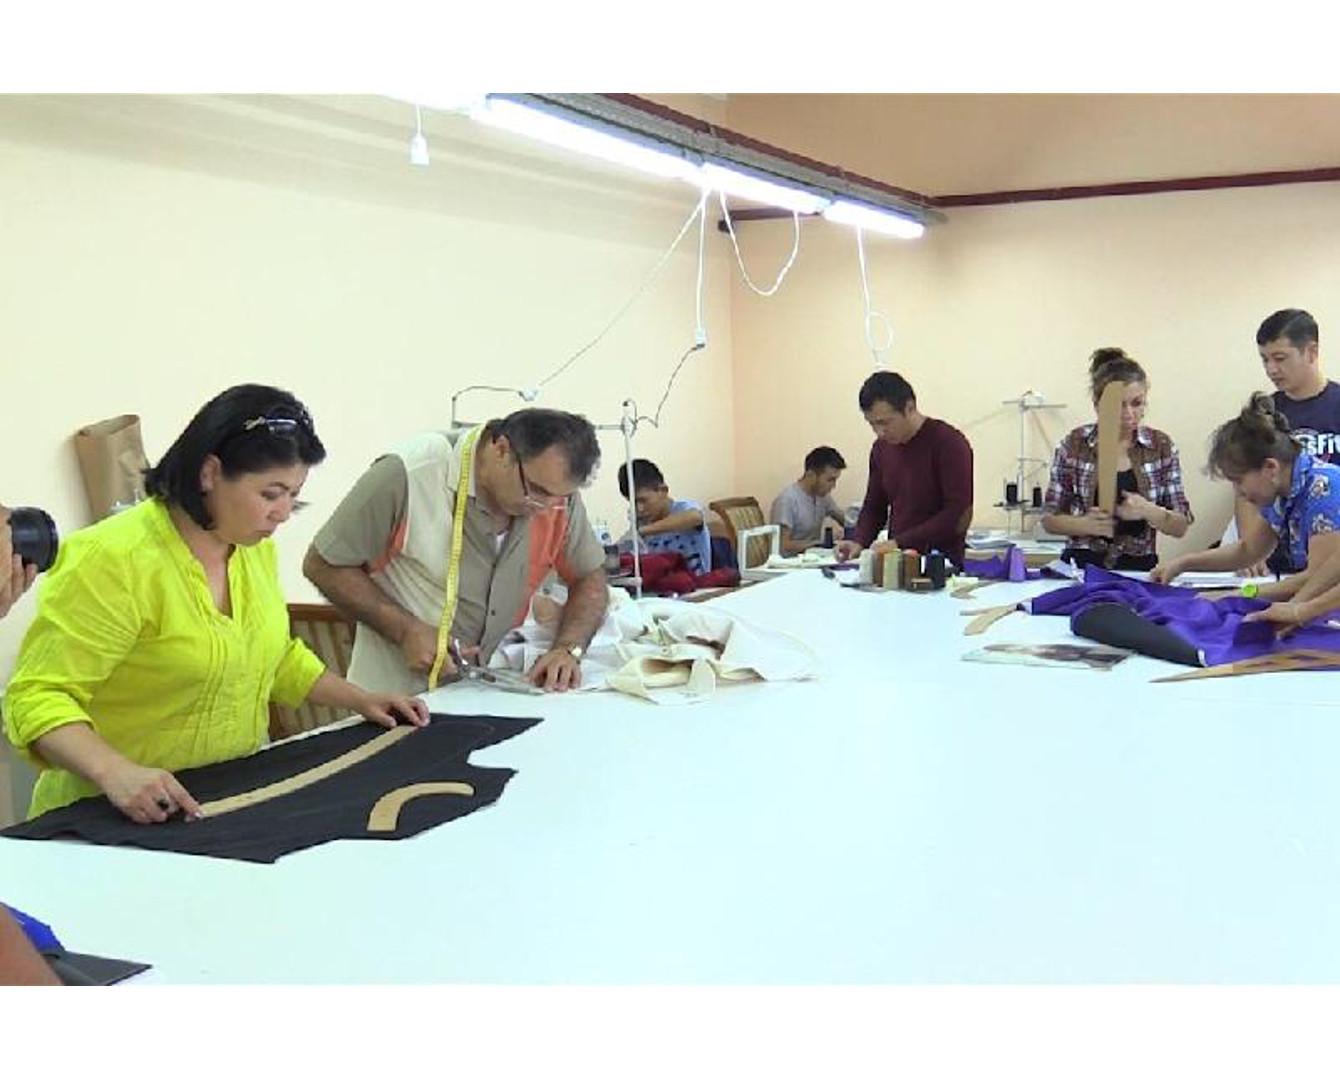 ЮКО вошла в тройку лидеров РК по производству одежды и обуви